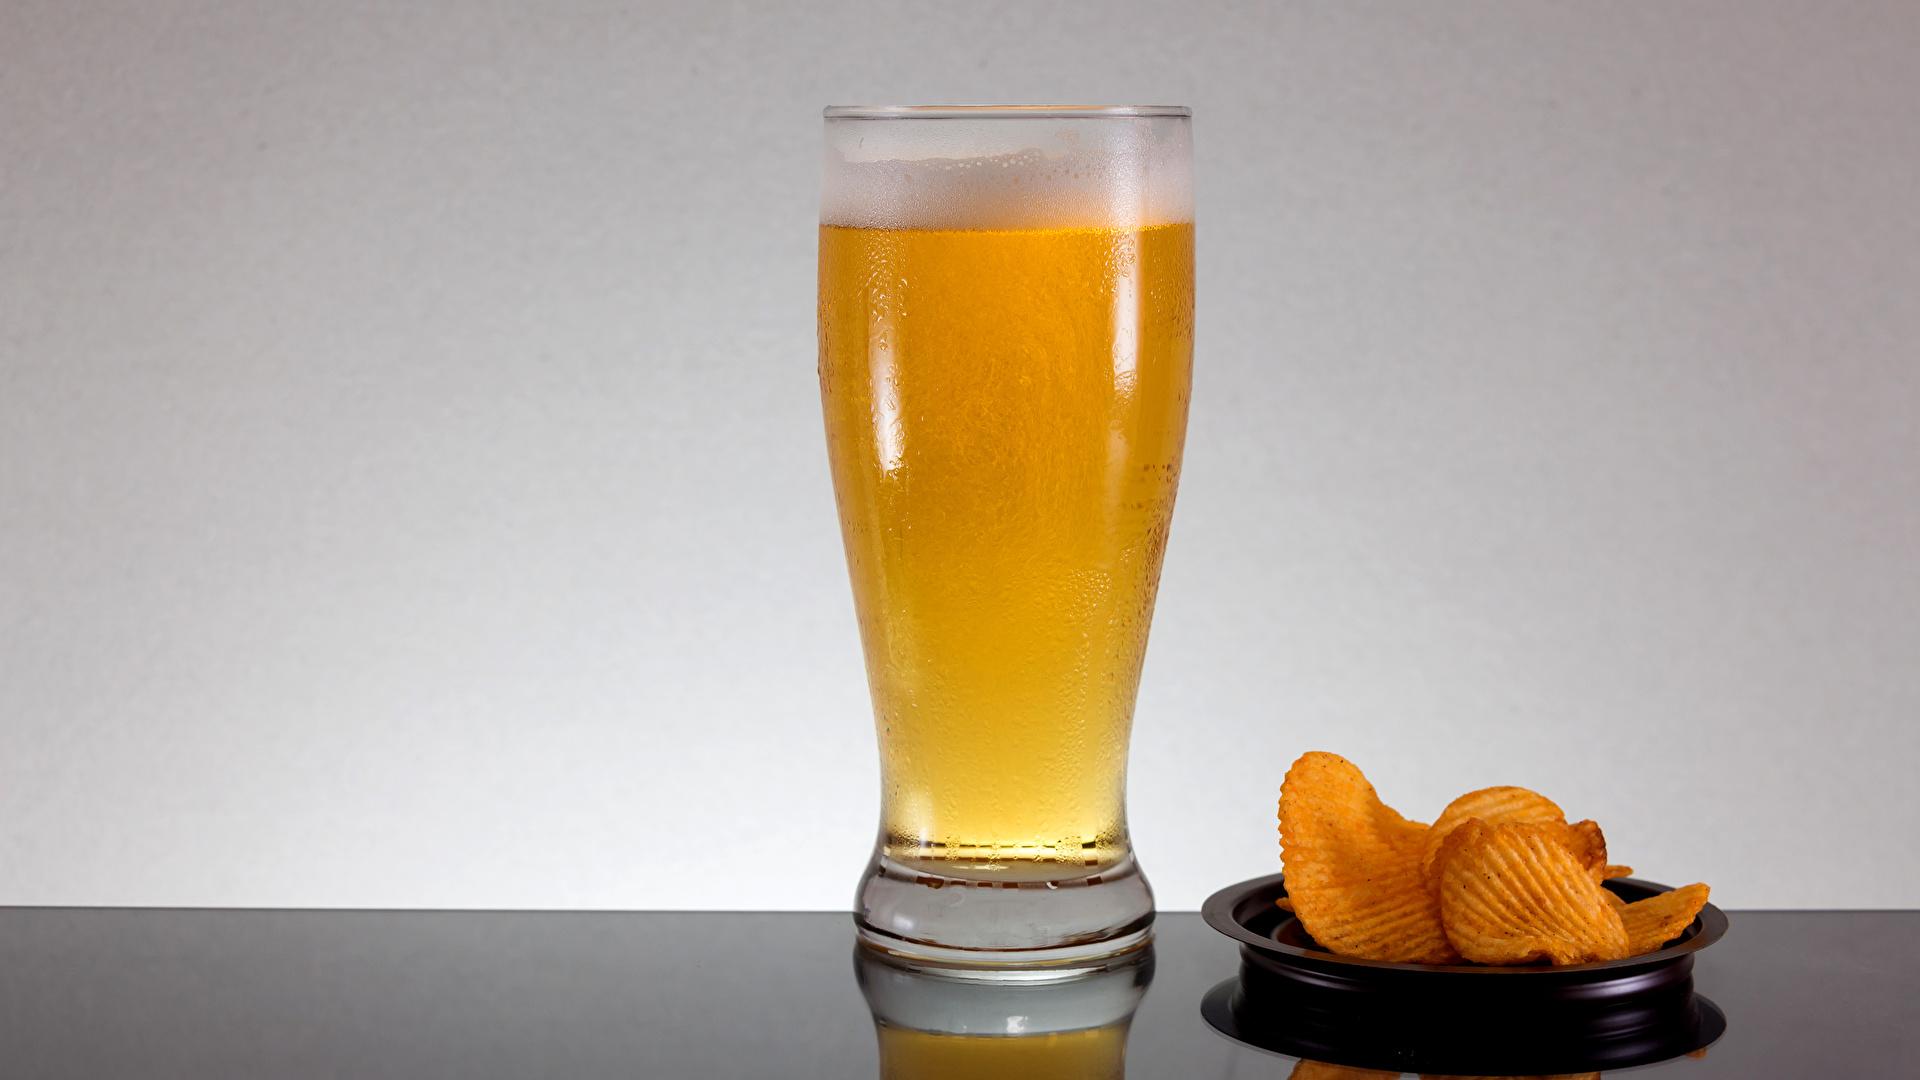 Фотография Пиво Чипсы стакане Еда Пена 1920x1080 Стакан стакана пене Пища пеной Продукты питания